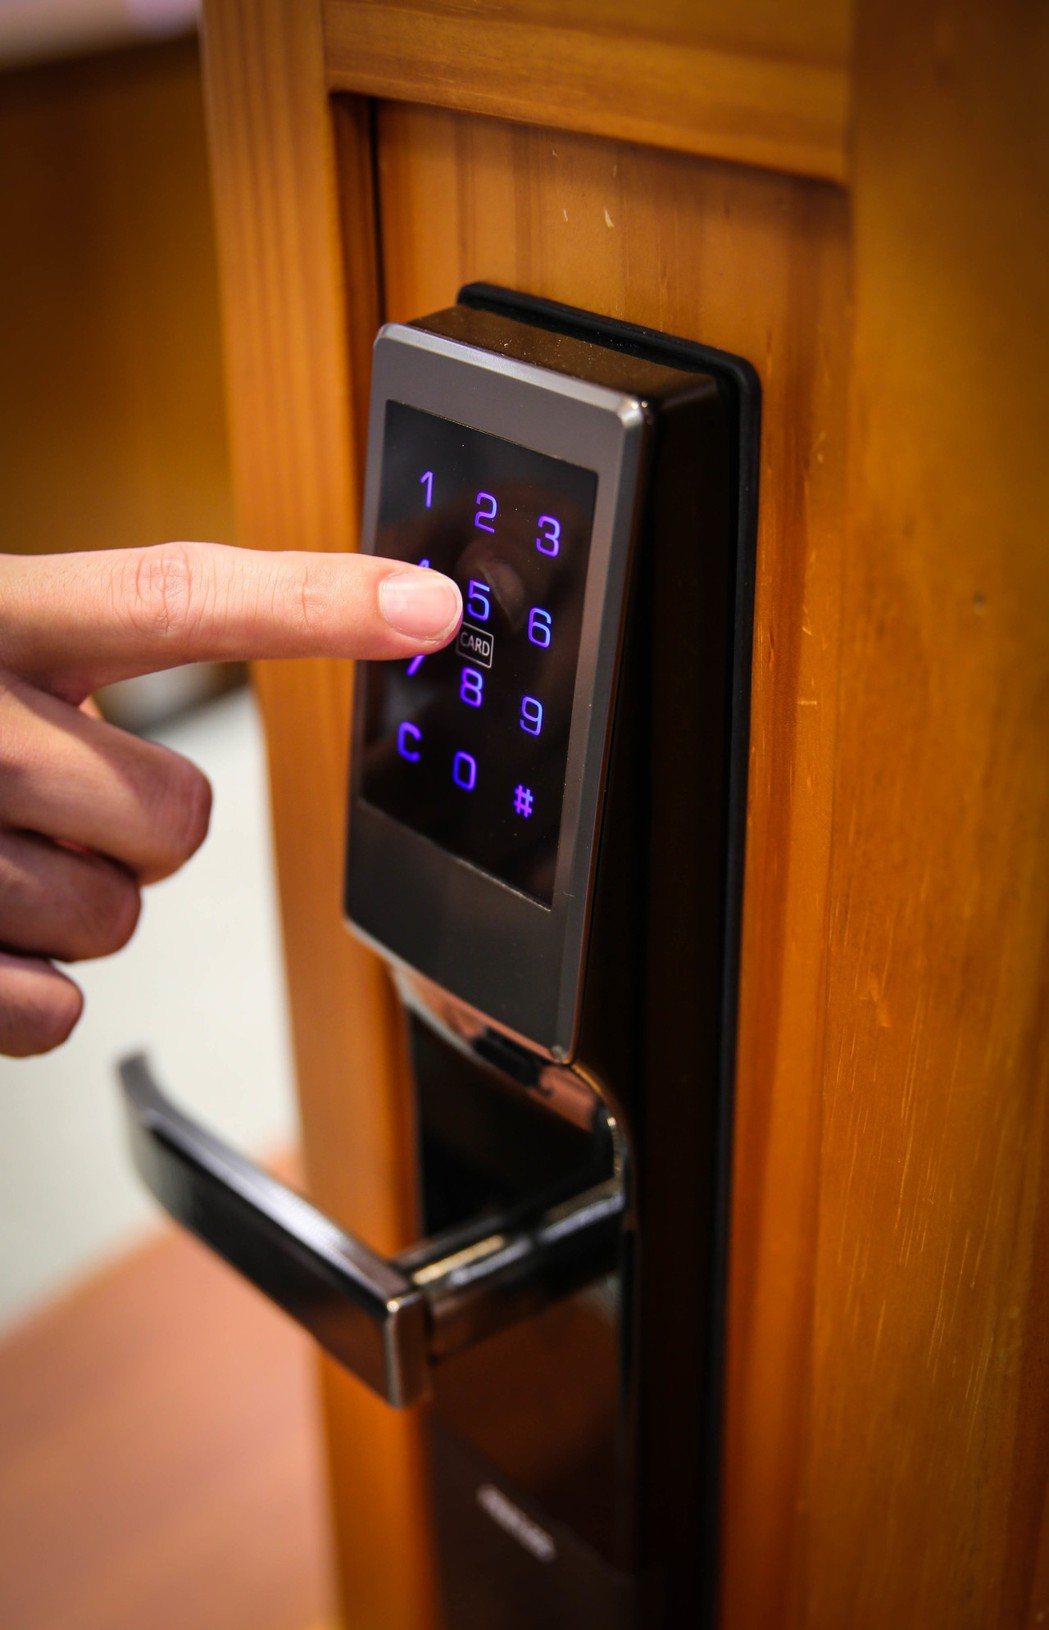 台灣福興TPN電子鎖具有前導碼設計,讓指紋不會殘留在固定位置,不用擔心指紋辨識易...